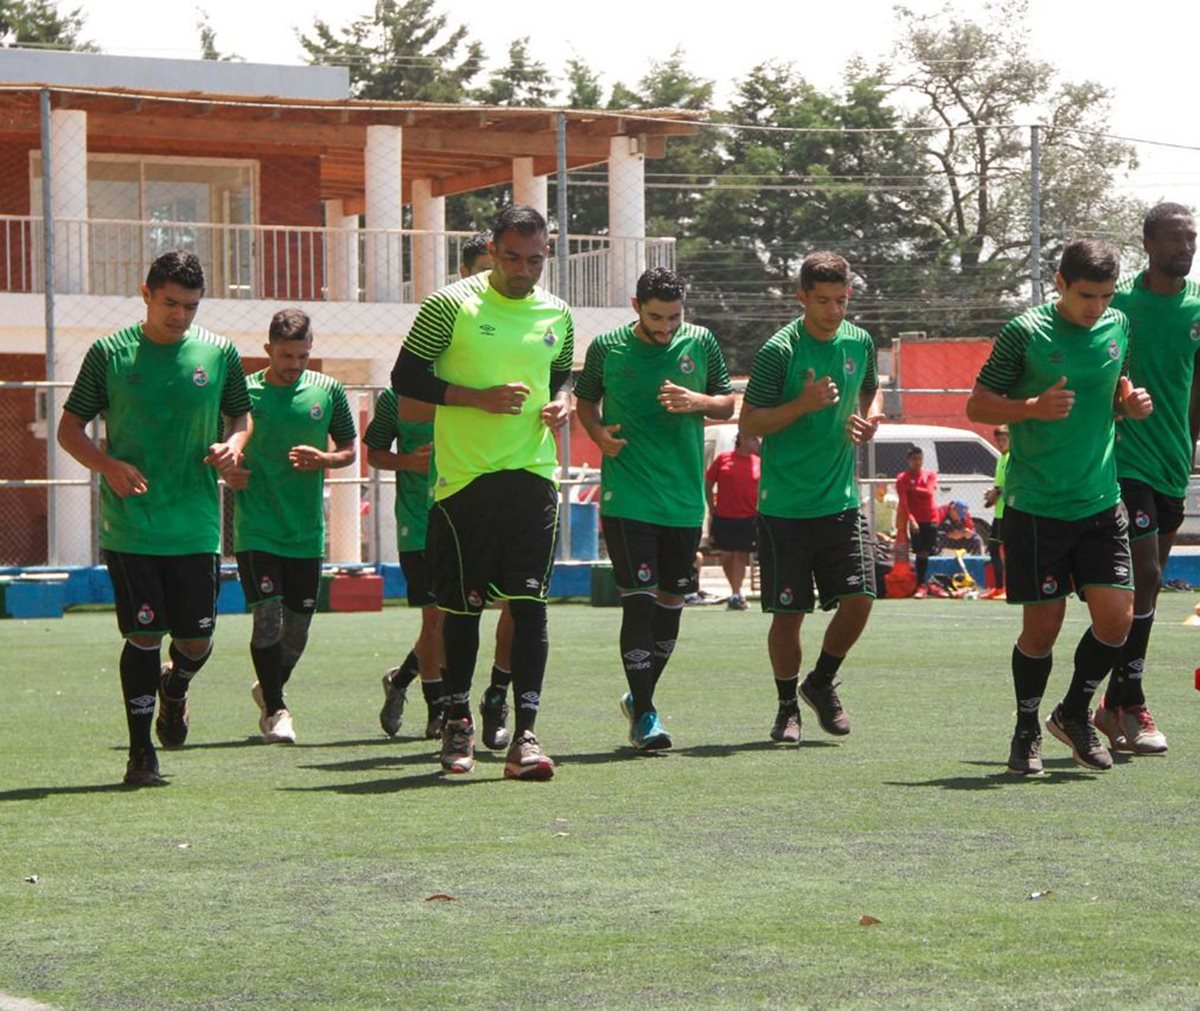 Municipal realiza su pretemporada de cara al torneo Apertura 2018, que inicia a finales de julio. (Foto Prensa Libre: Cortesía Municipal)